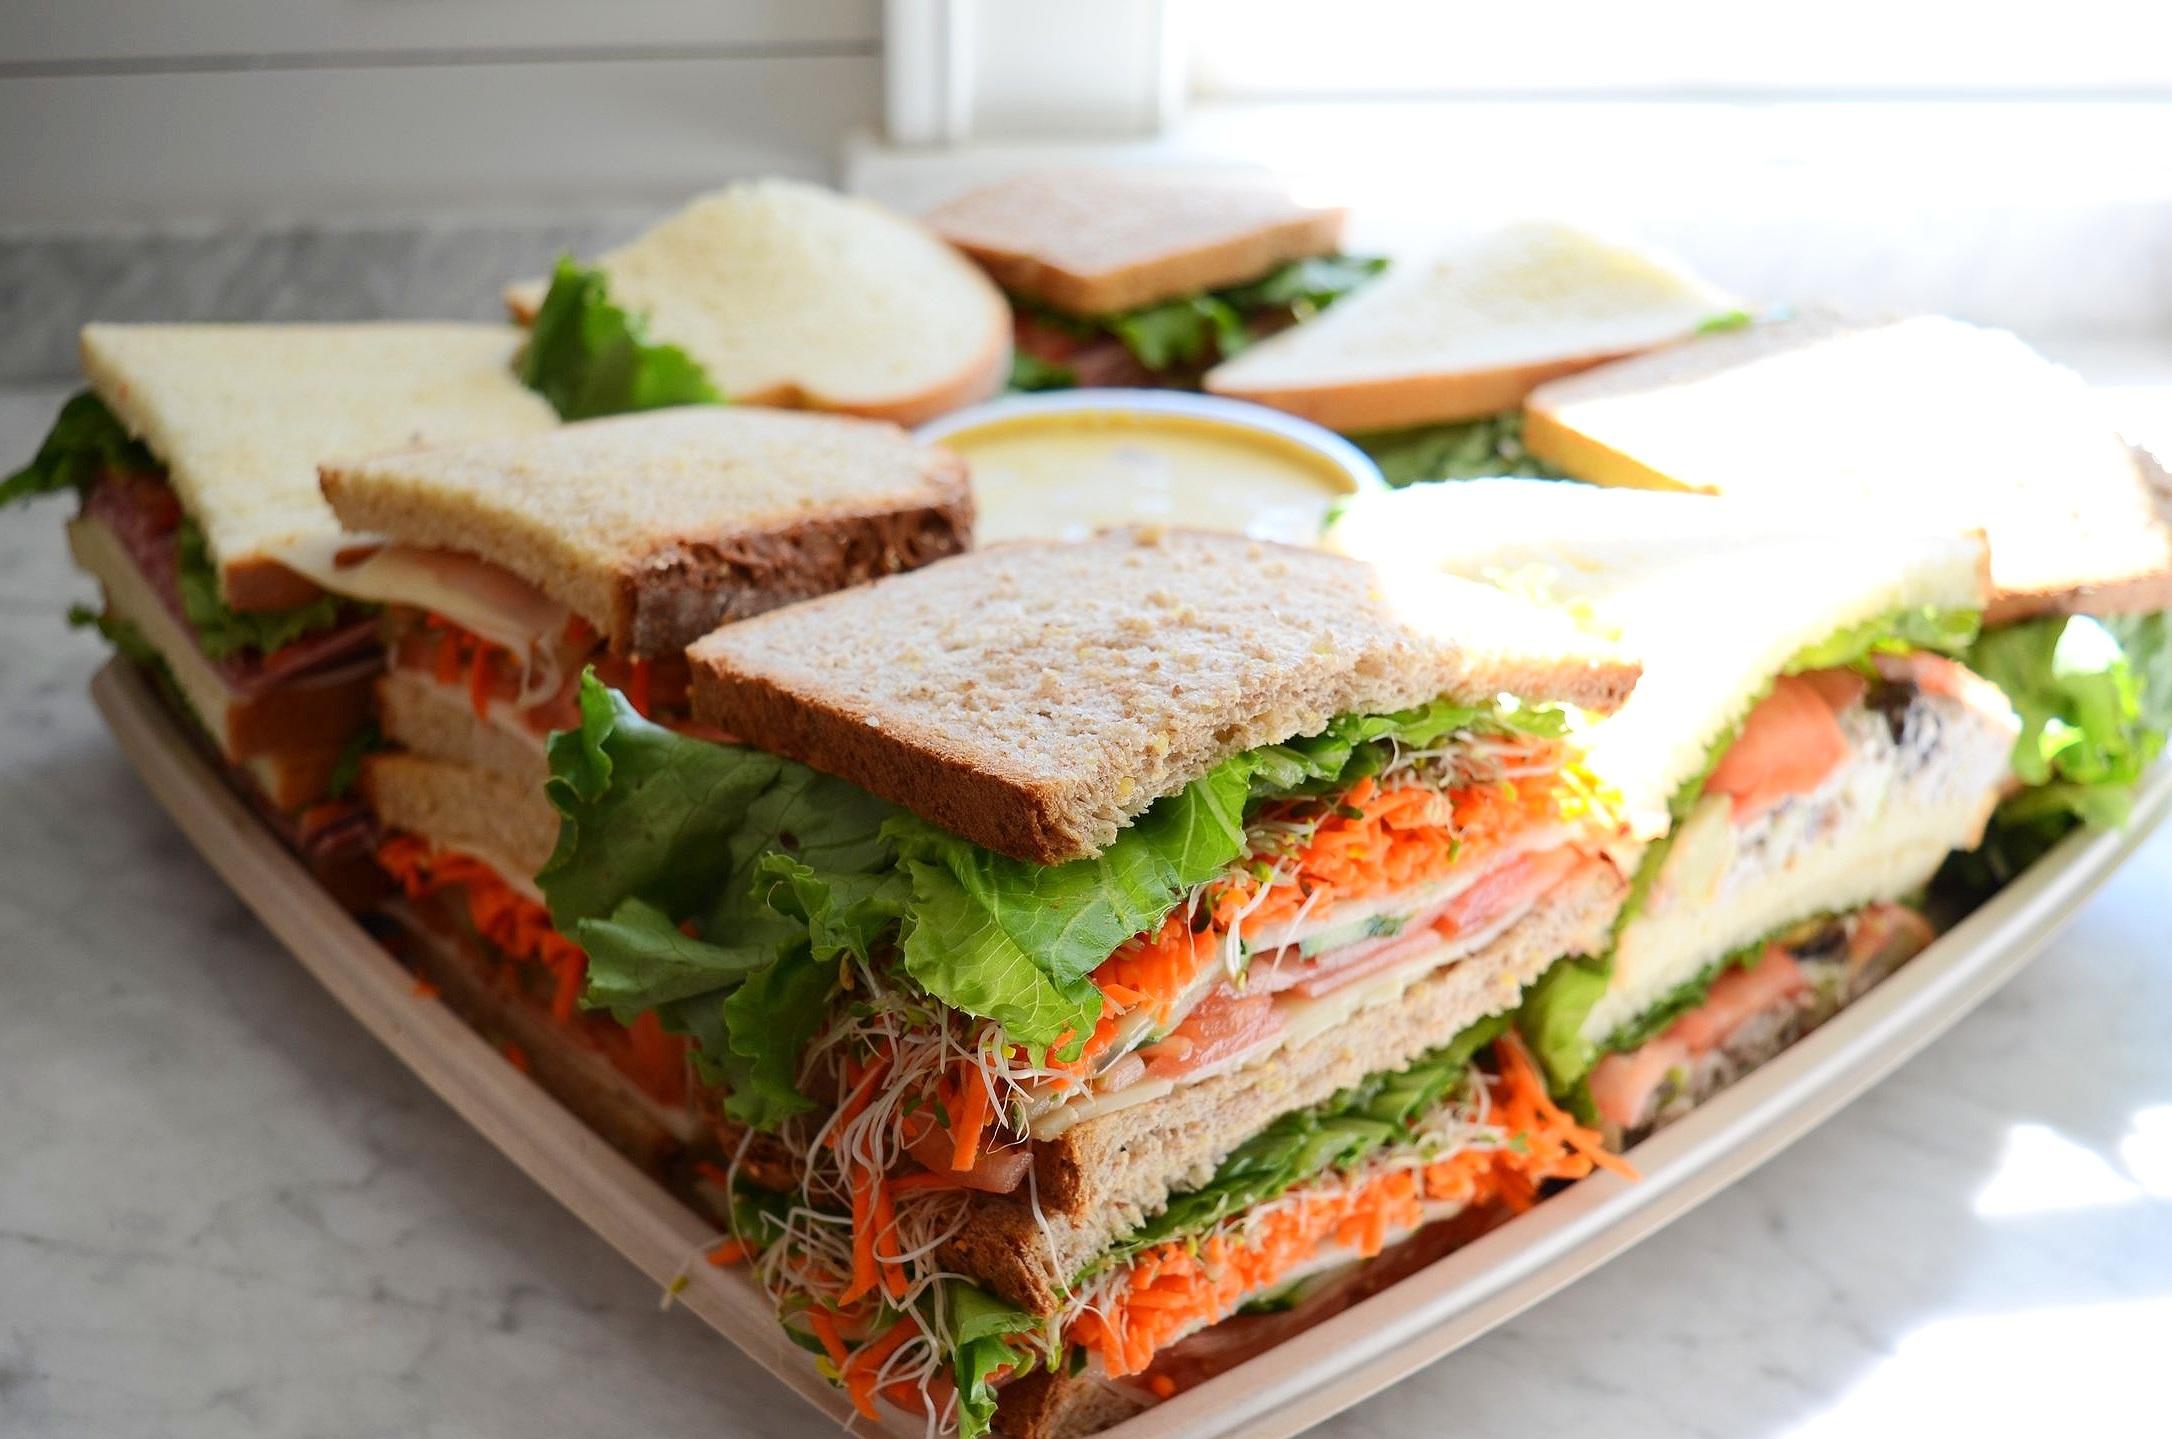 sandwich platter - serves 12-15